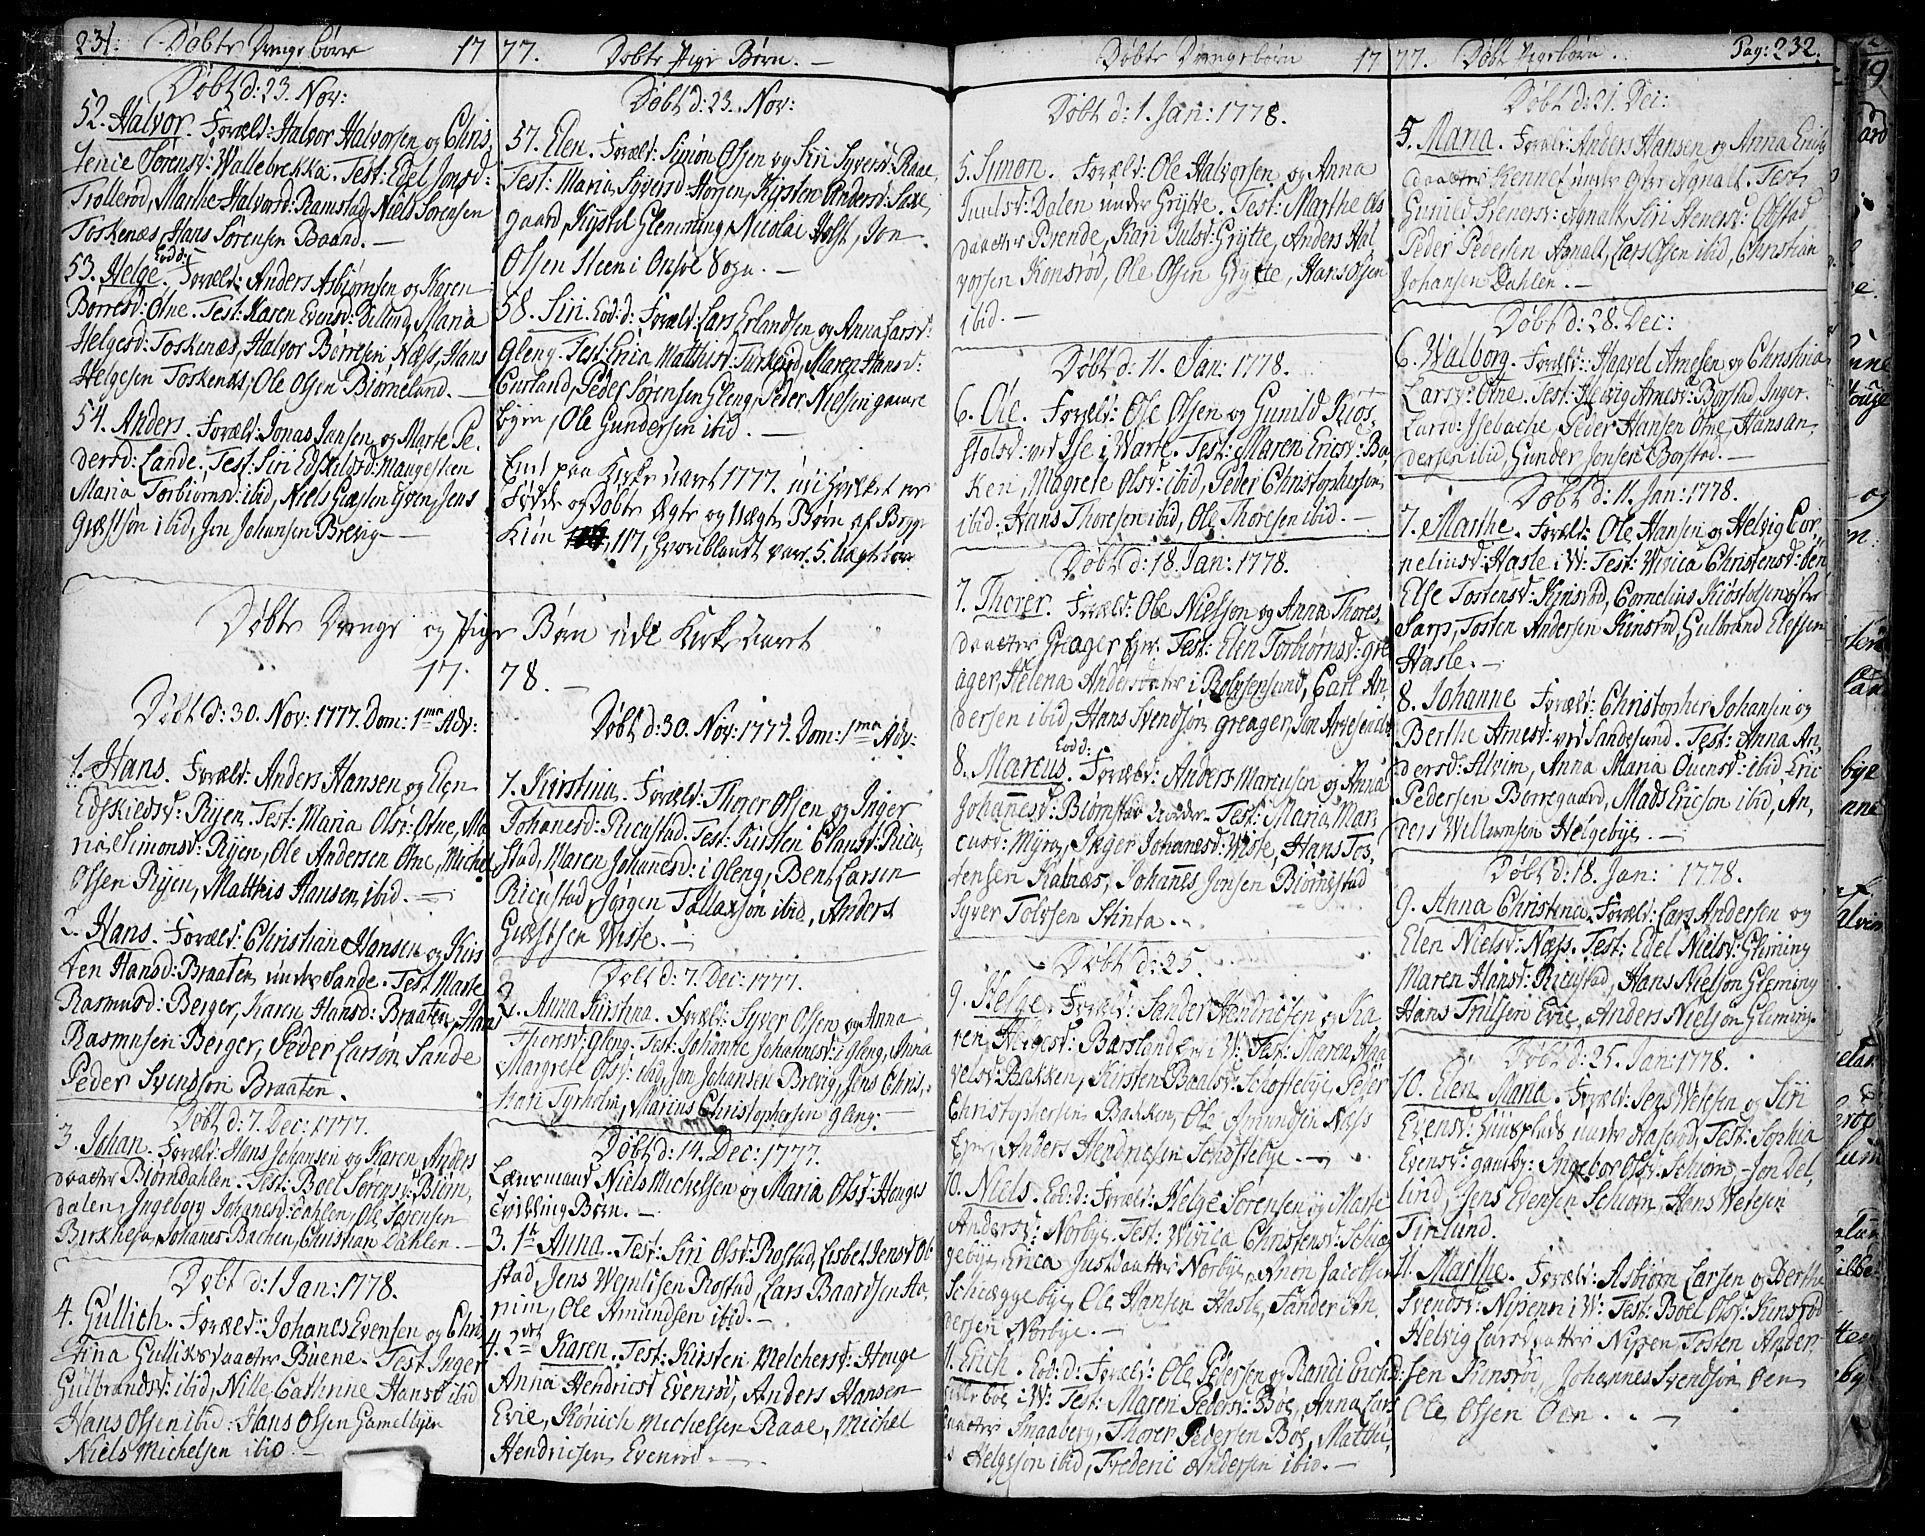 SAO, Tune prestekontor Kirkebøker, F/Fa/L0002: Ministerialbok nr. 2, 1758-1781, s. 231-232